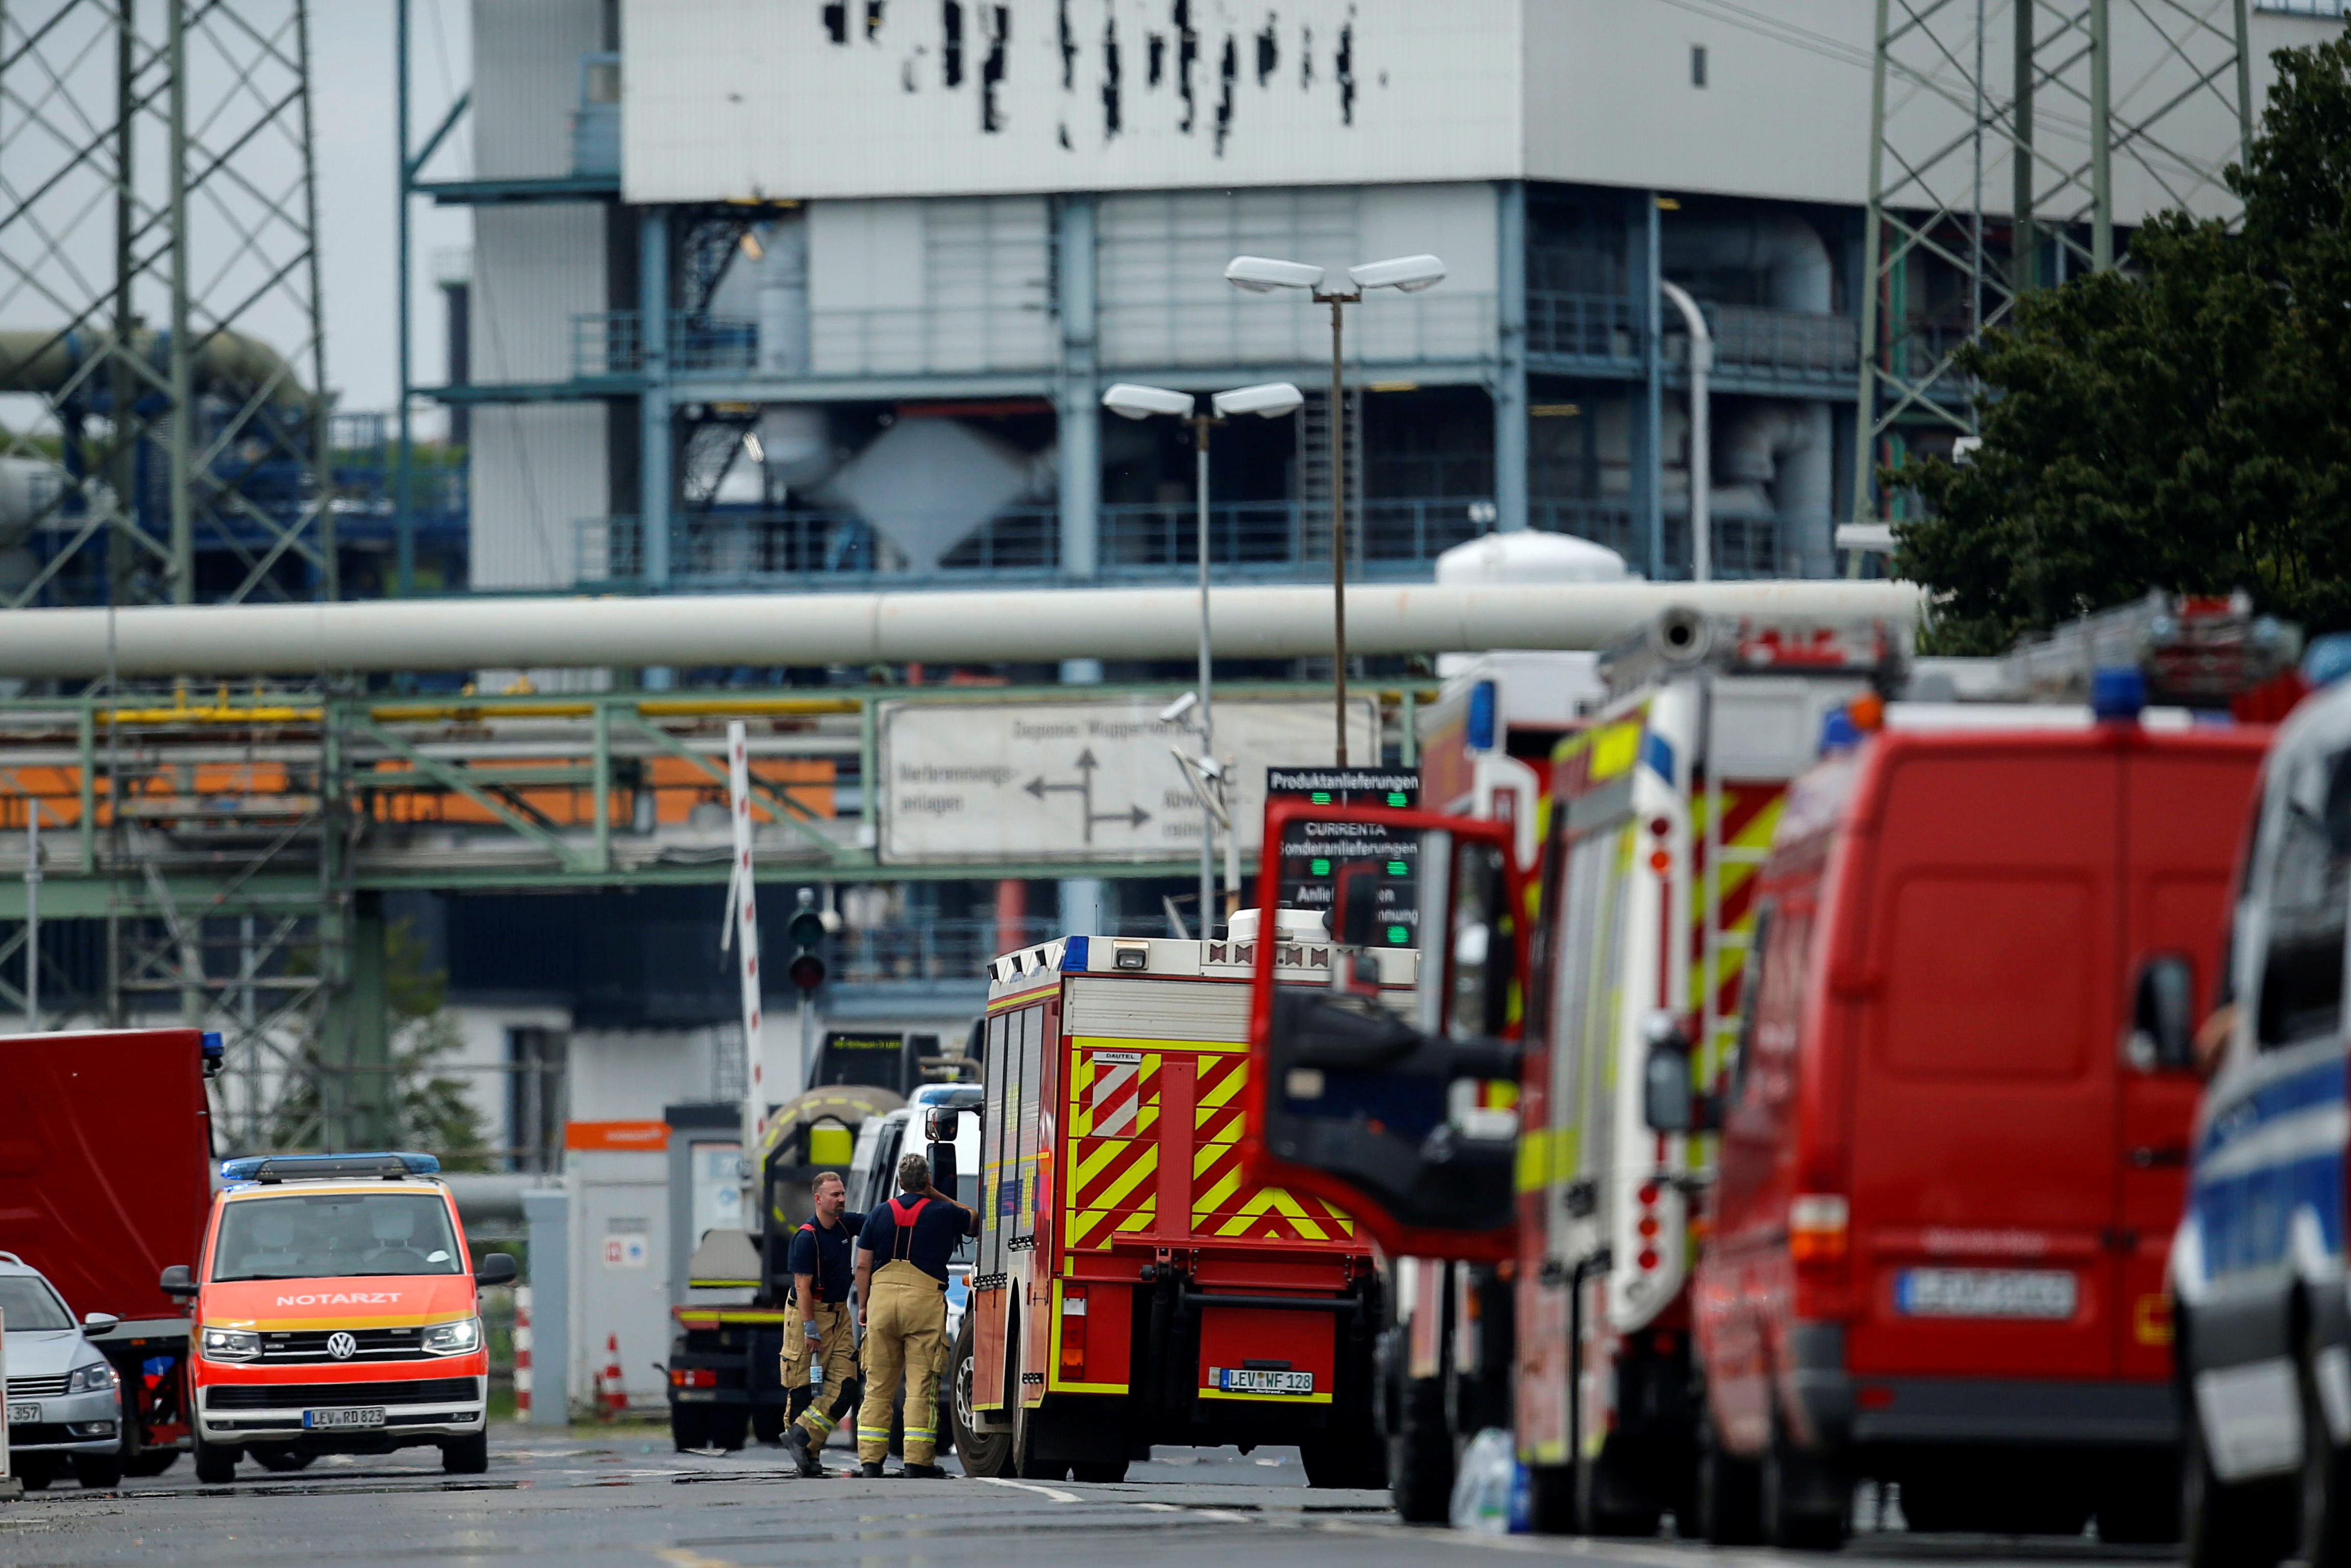 Пожарные стоят у Кемпарка после взрыва в Леверкузене, Германия, 27 июля 2021 года. REUTERS / Leon Kuegeler